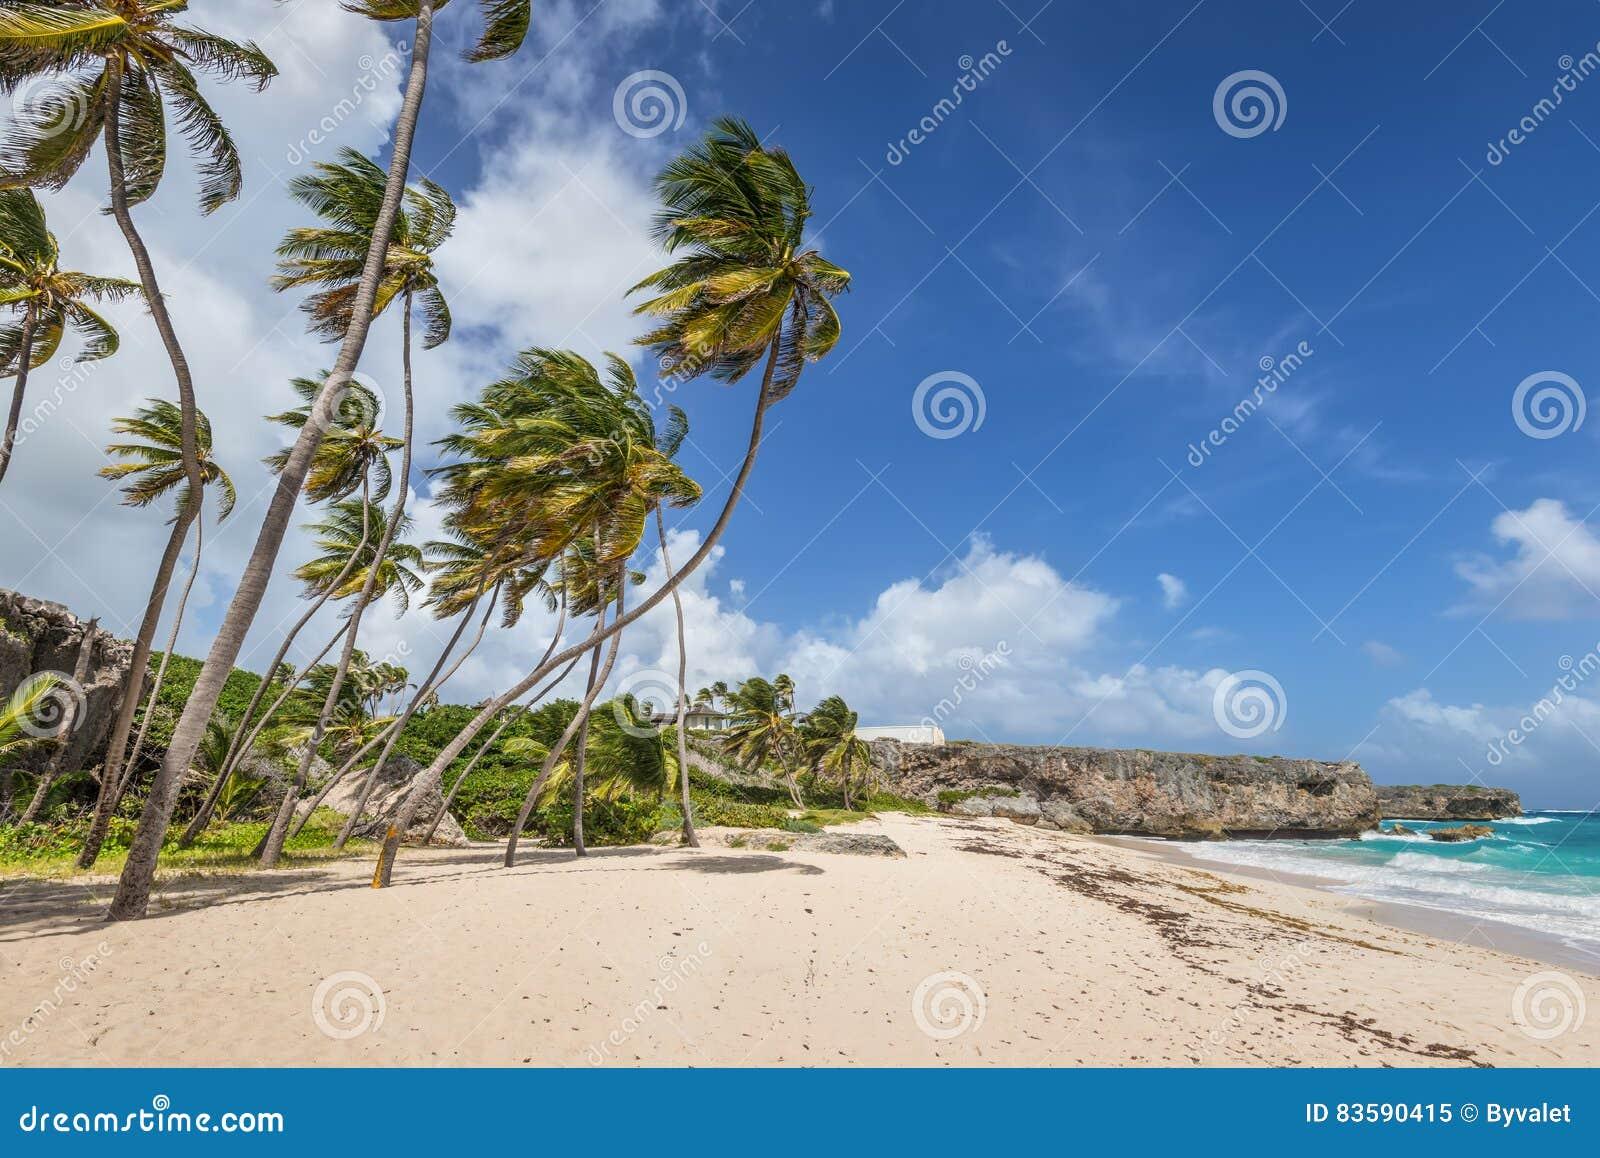 Baia tropicale del fondo della spiaggia sull 39 isola dei for Isola di saint honore caraibi